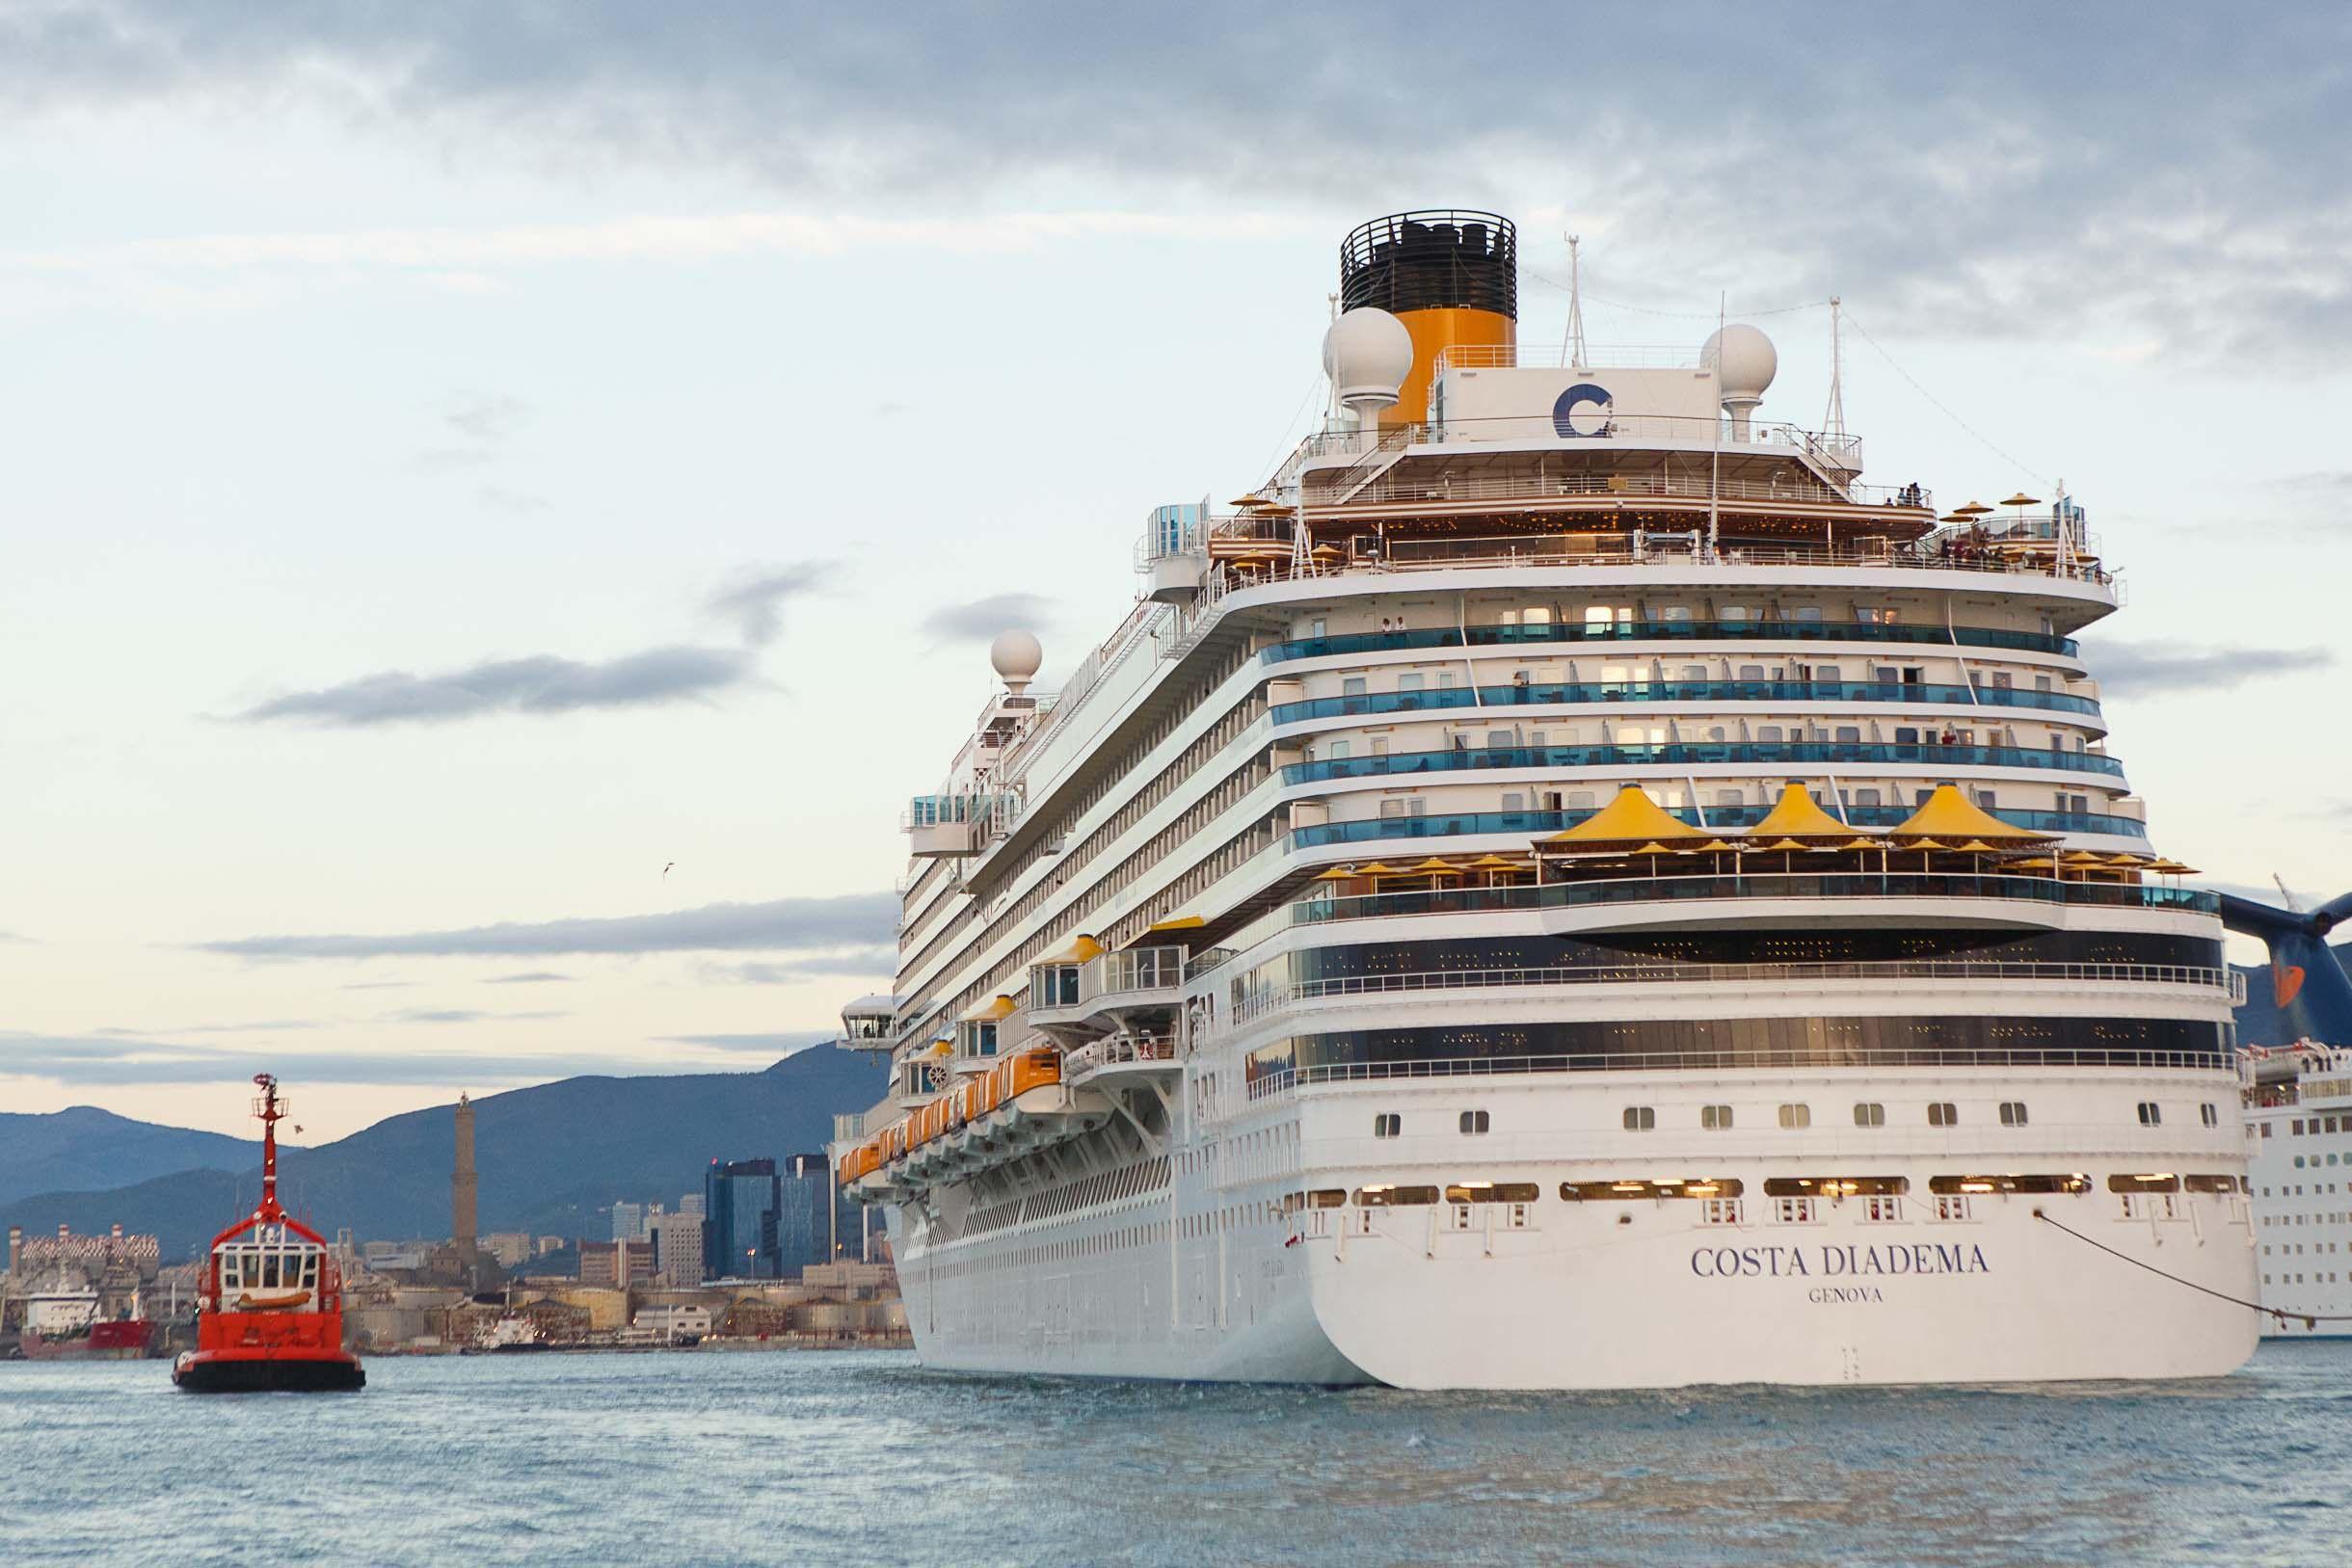 Premières photos du Costa Diadema en mer : départ du port